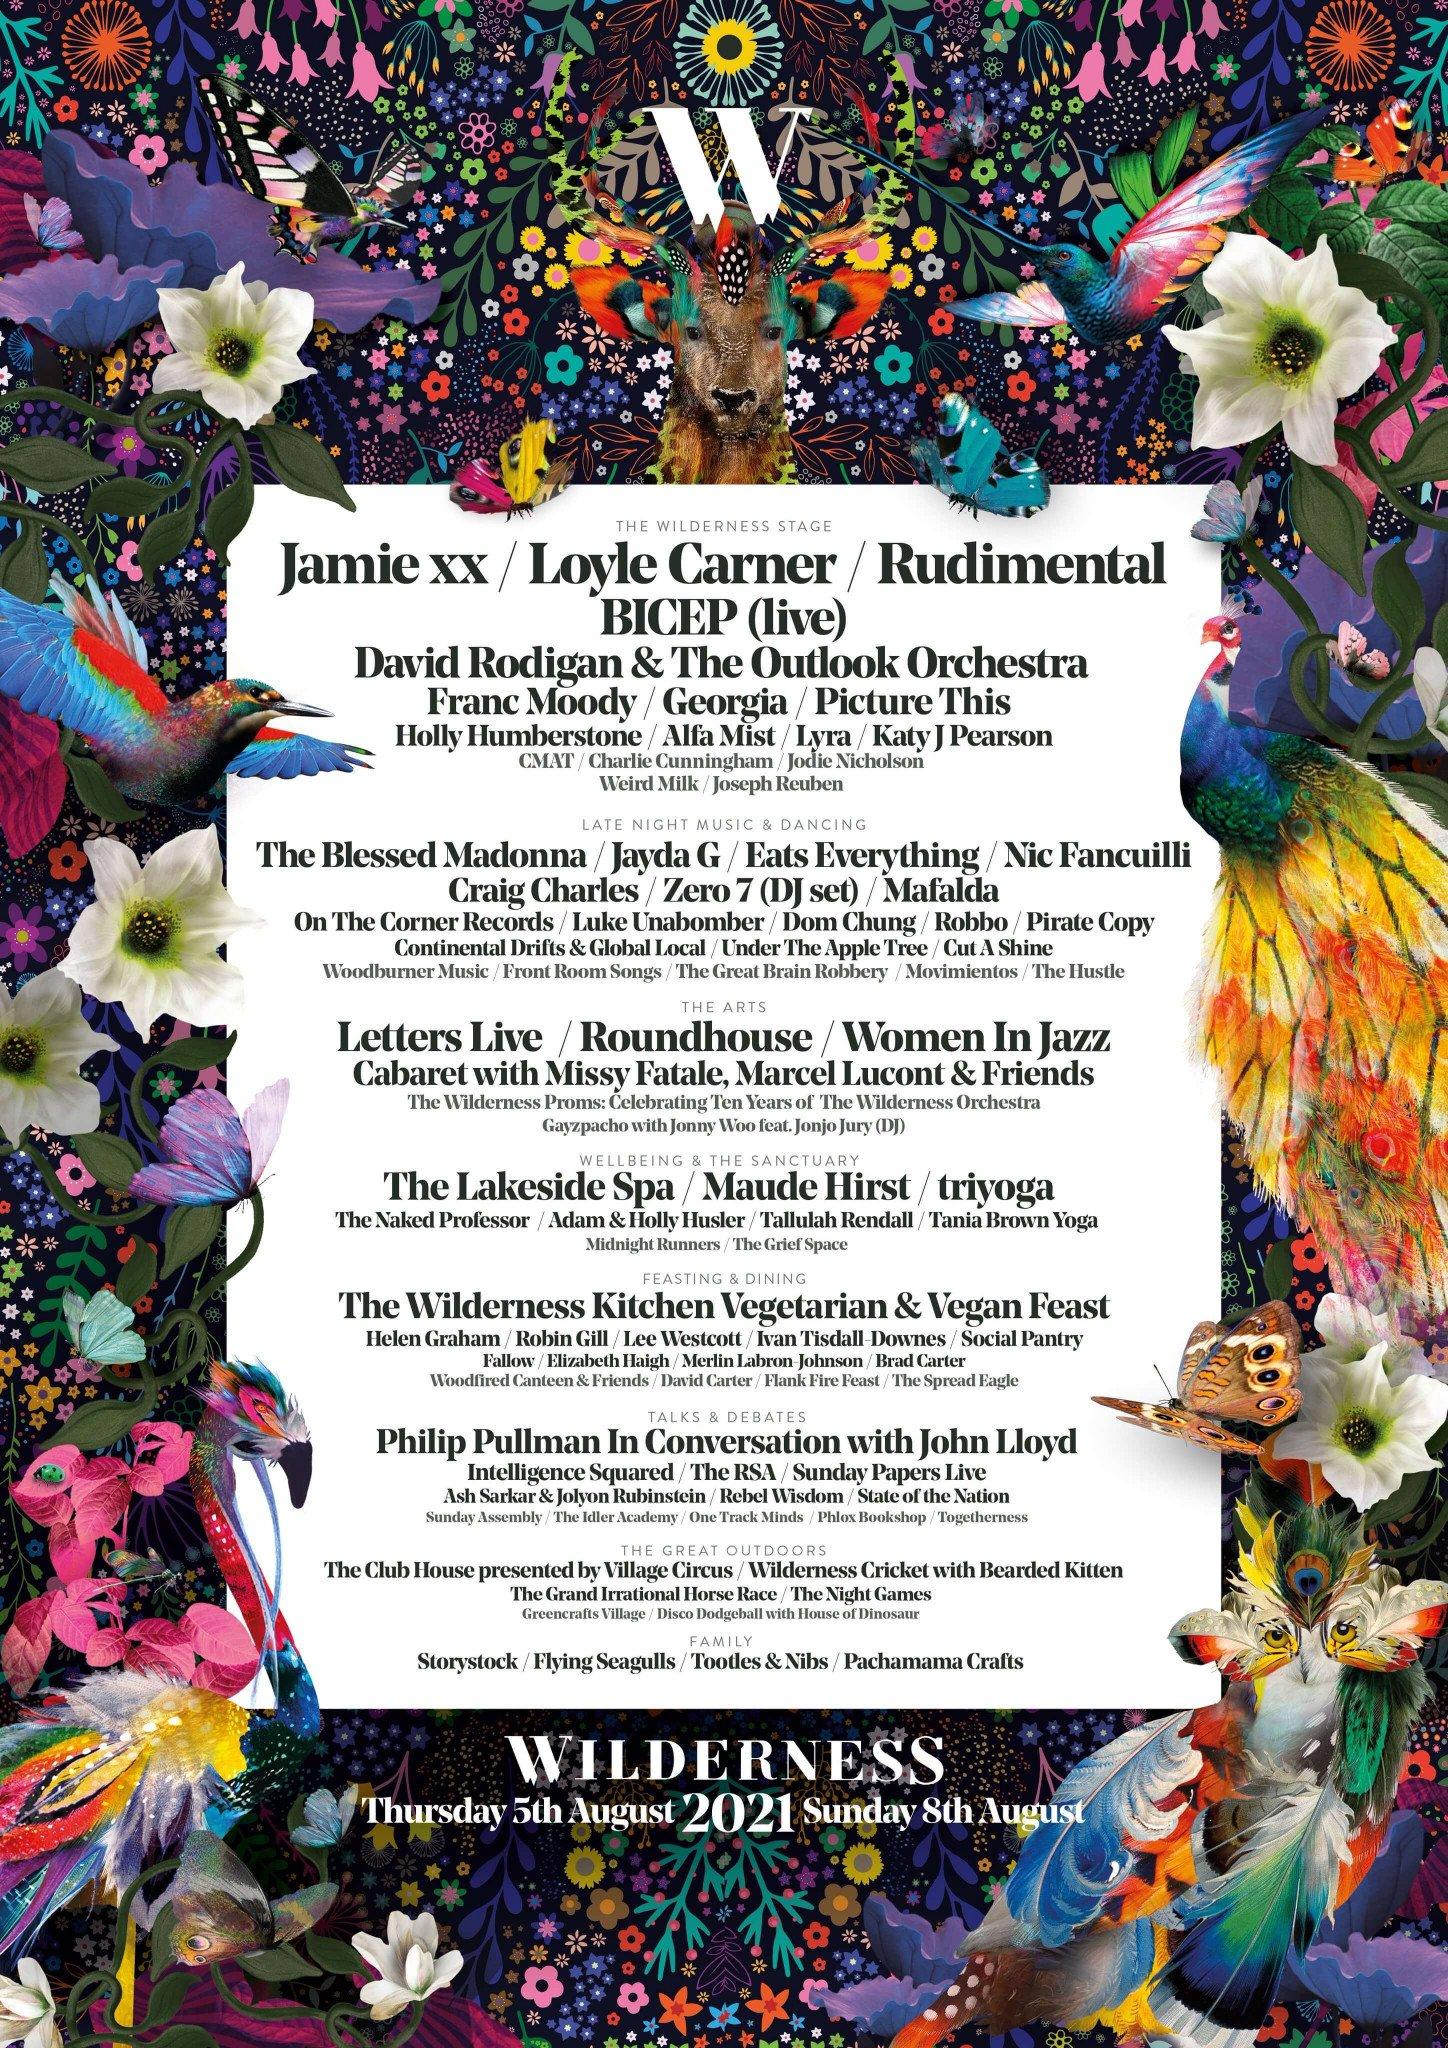 Wilderness festival lineup